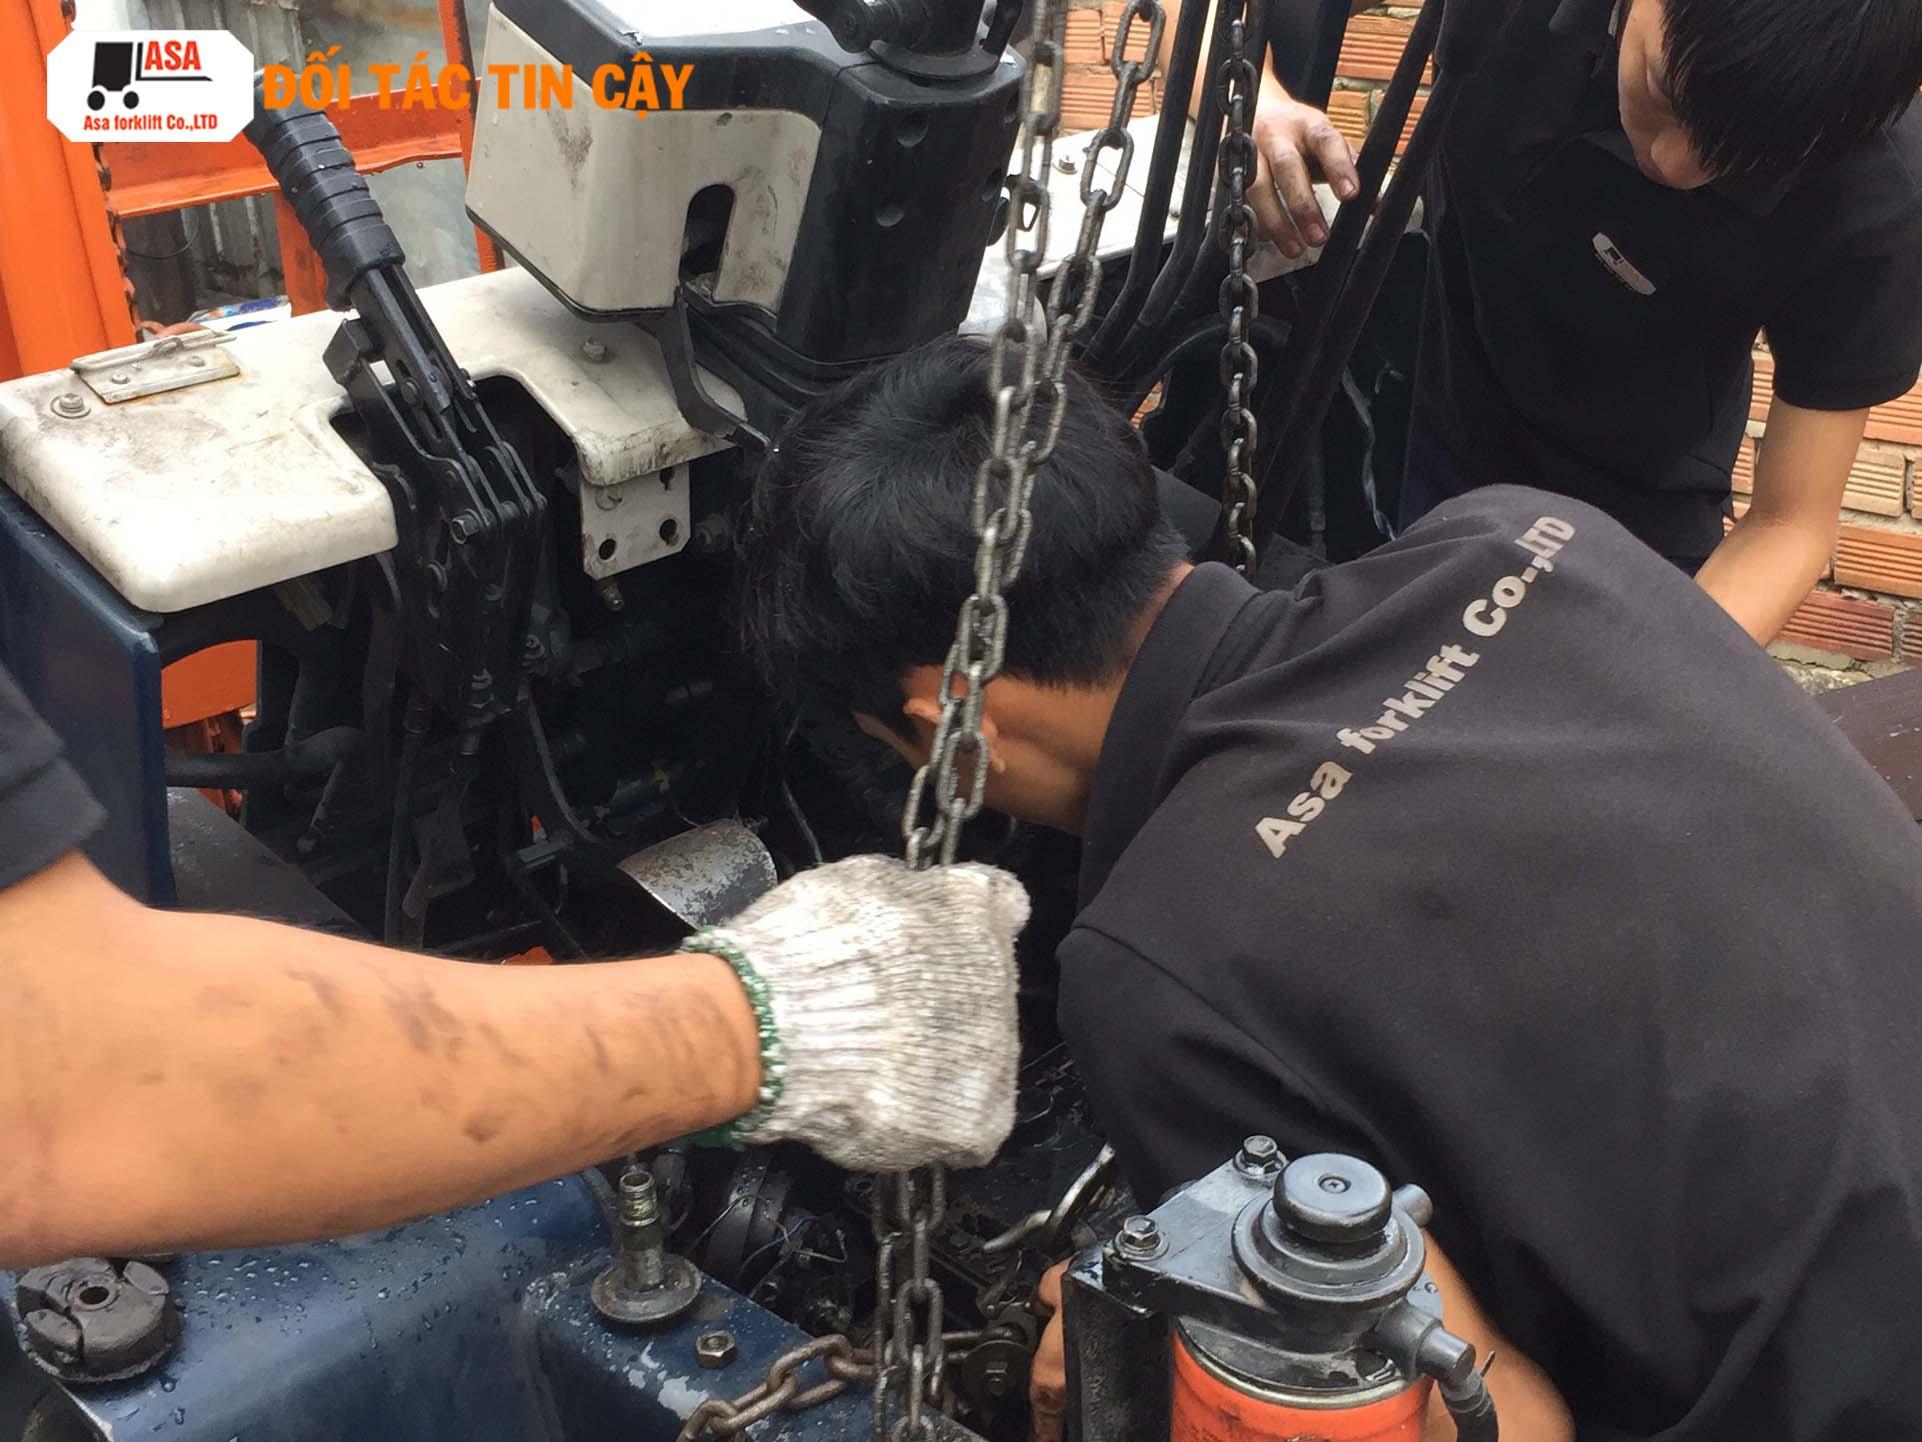 Công ty Asa còn cung cấp dịch vụ sửa xe nâng dầu tại TP. HCM